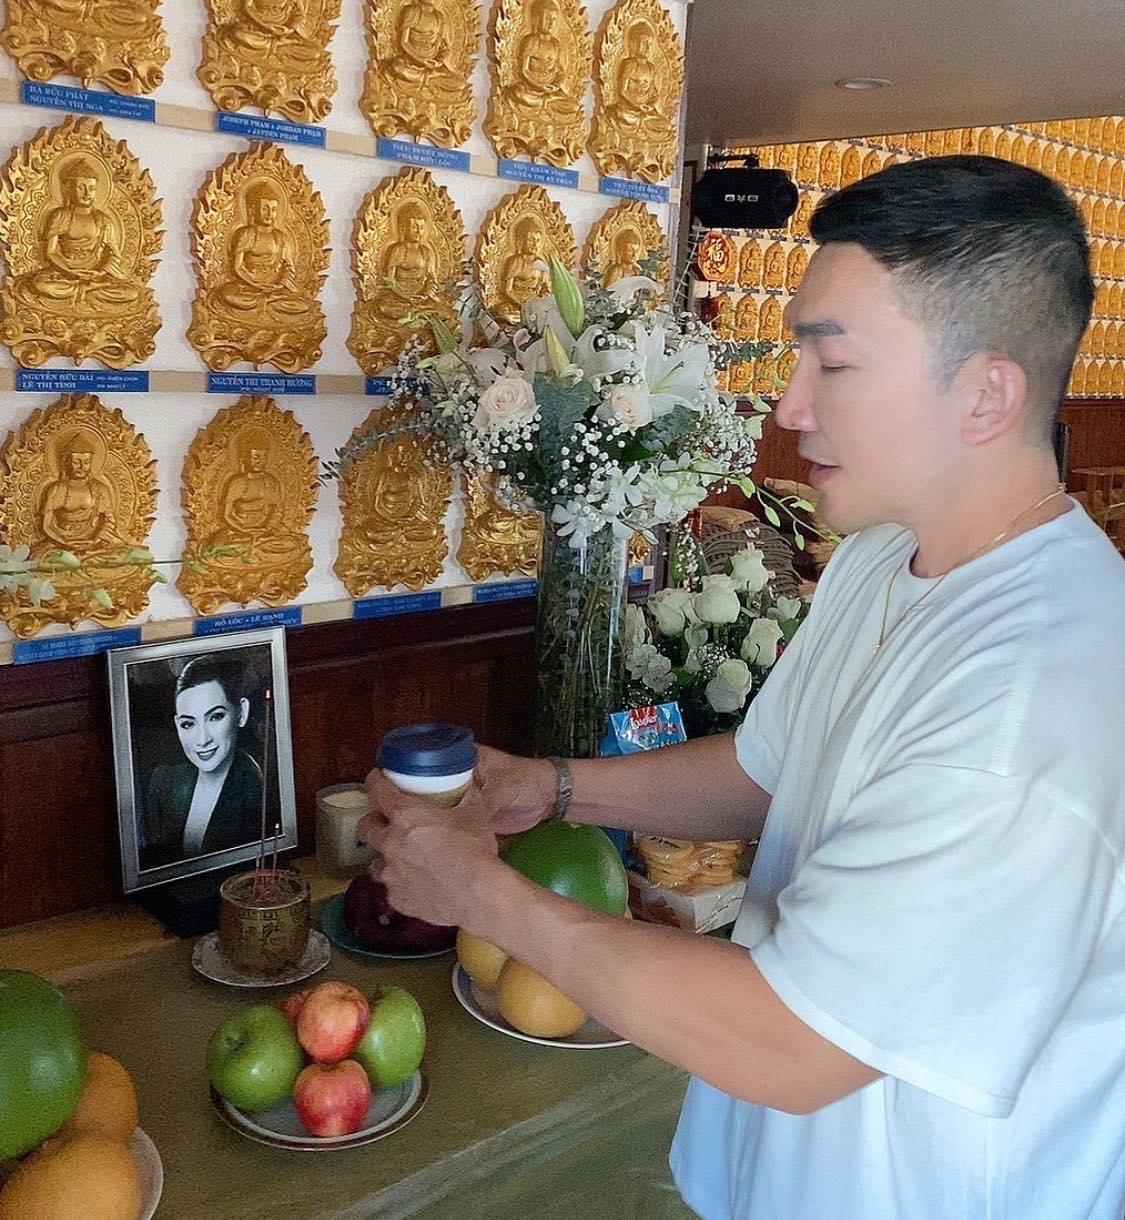 Ca sĩ Phi Nhung viết giấy nói thèm ăn khoai lang mật trước lúc qua đời, bạn thân cúng tại Mỹ gây xúc động - Hình 3